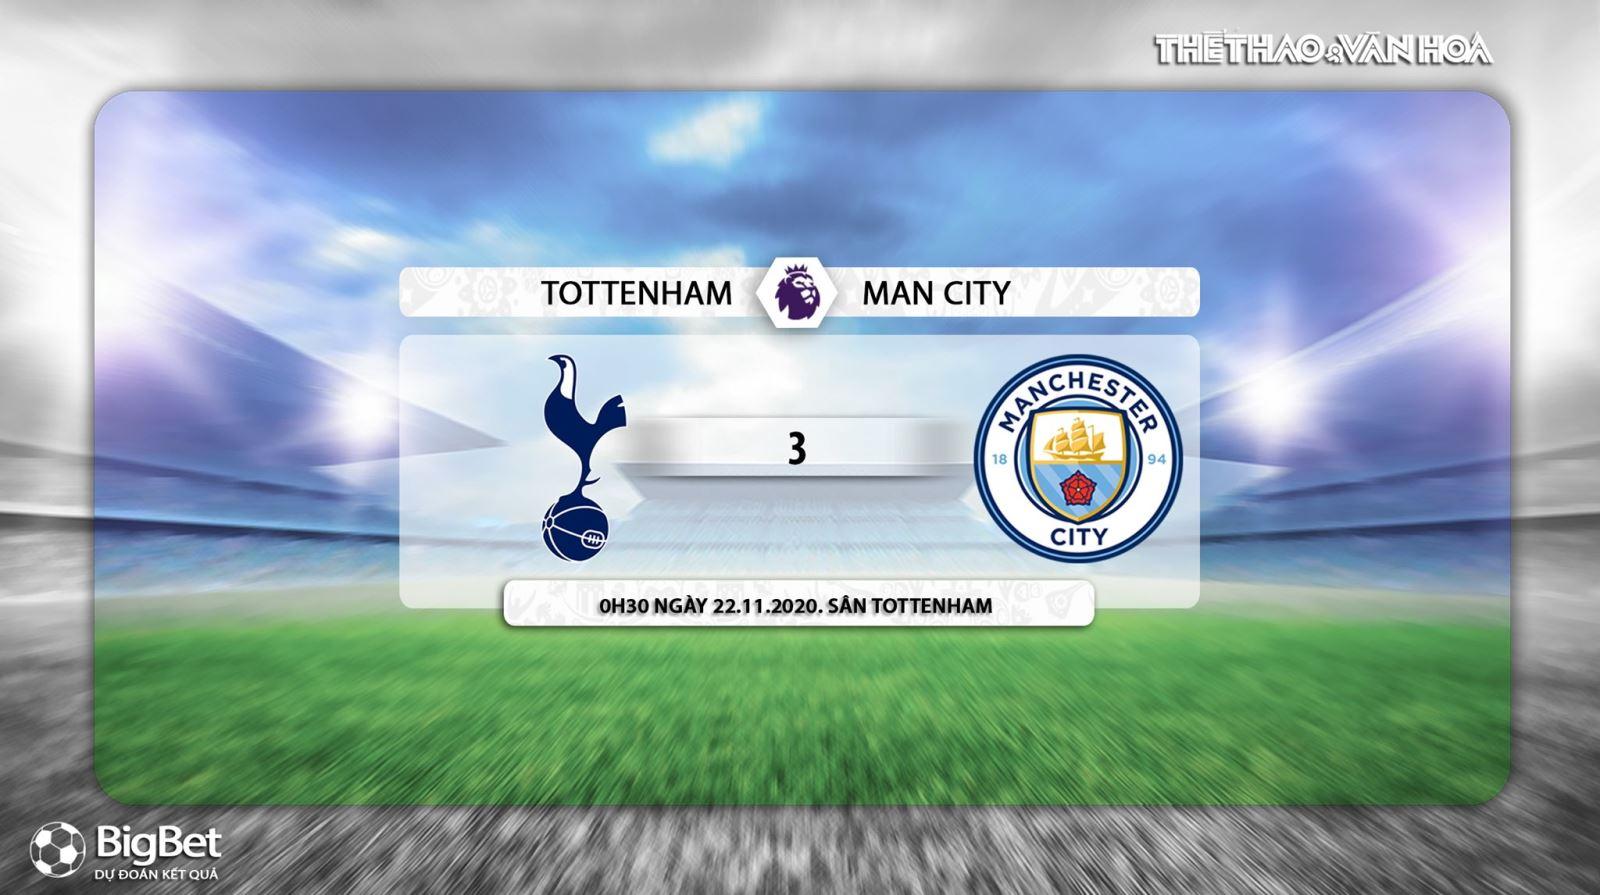 Keo nha cai, Kèo nhà cái, Tottenham vs Man City, Trực tiếp bóng đá, Ngoại hạng Anh, K+, Xem K+PM, Vòng 9 Giải ngoại hạng Anh, Trực tiếp Tottenham đấu với Man City